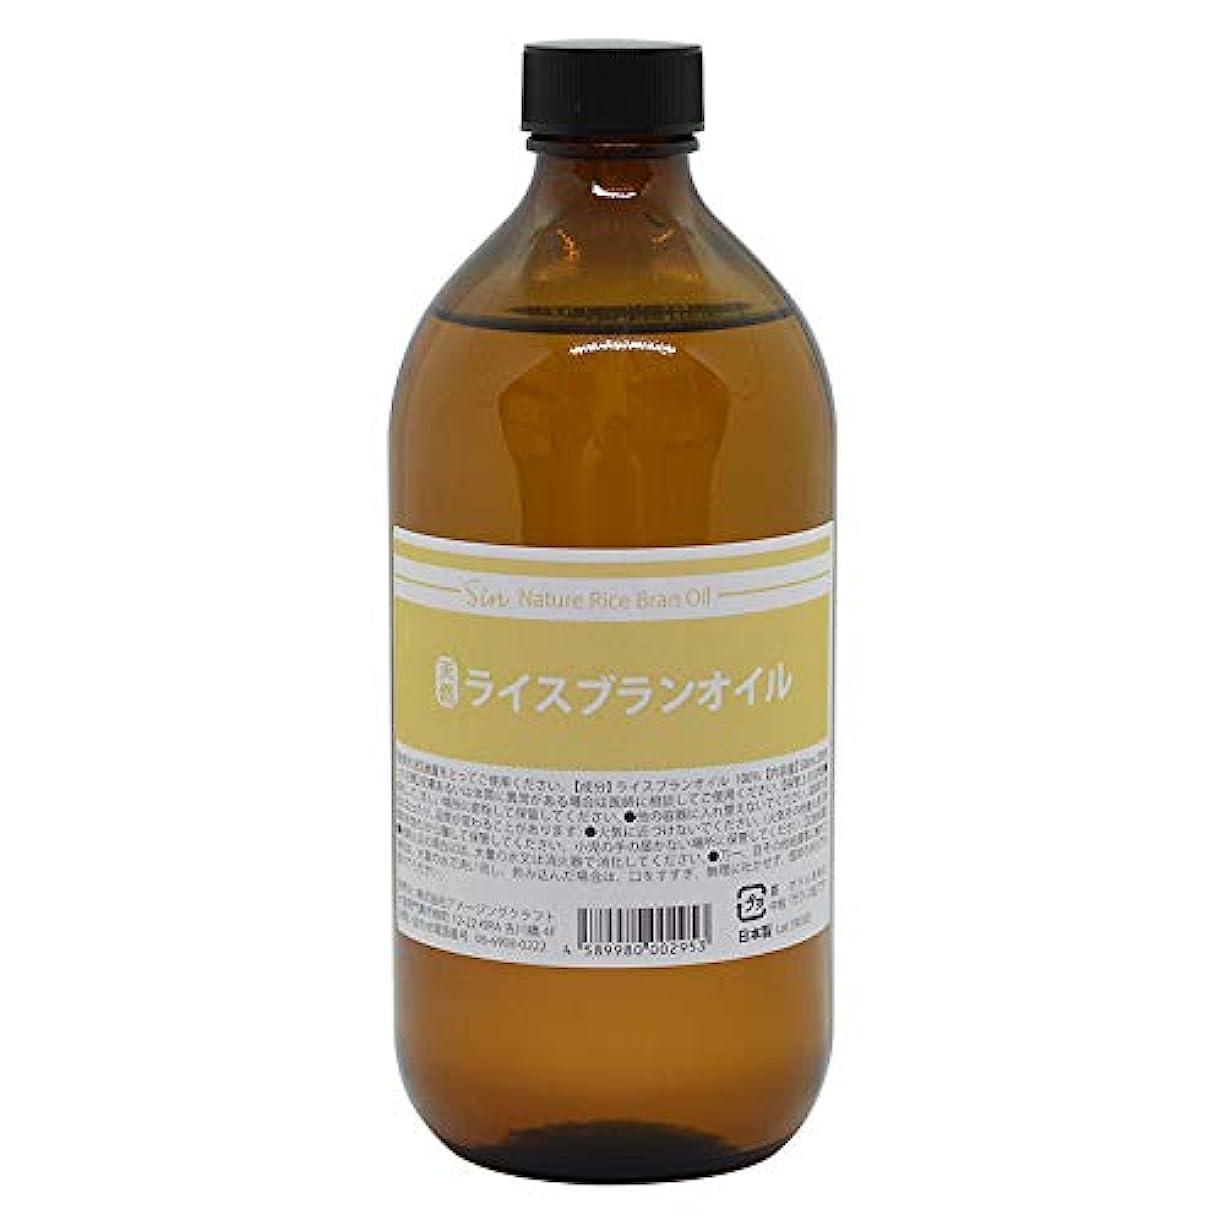 不正見習い微生物天然無添加 国内精製 ライスブランオイル 500ml ライスオイル